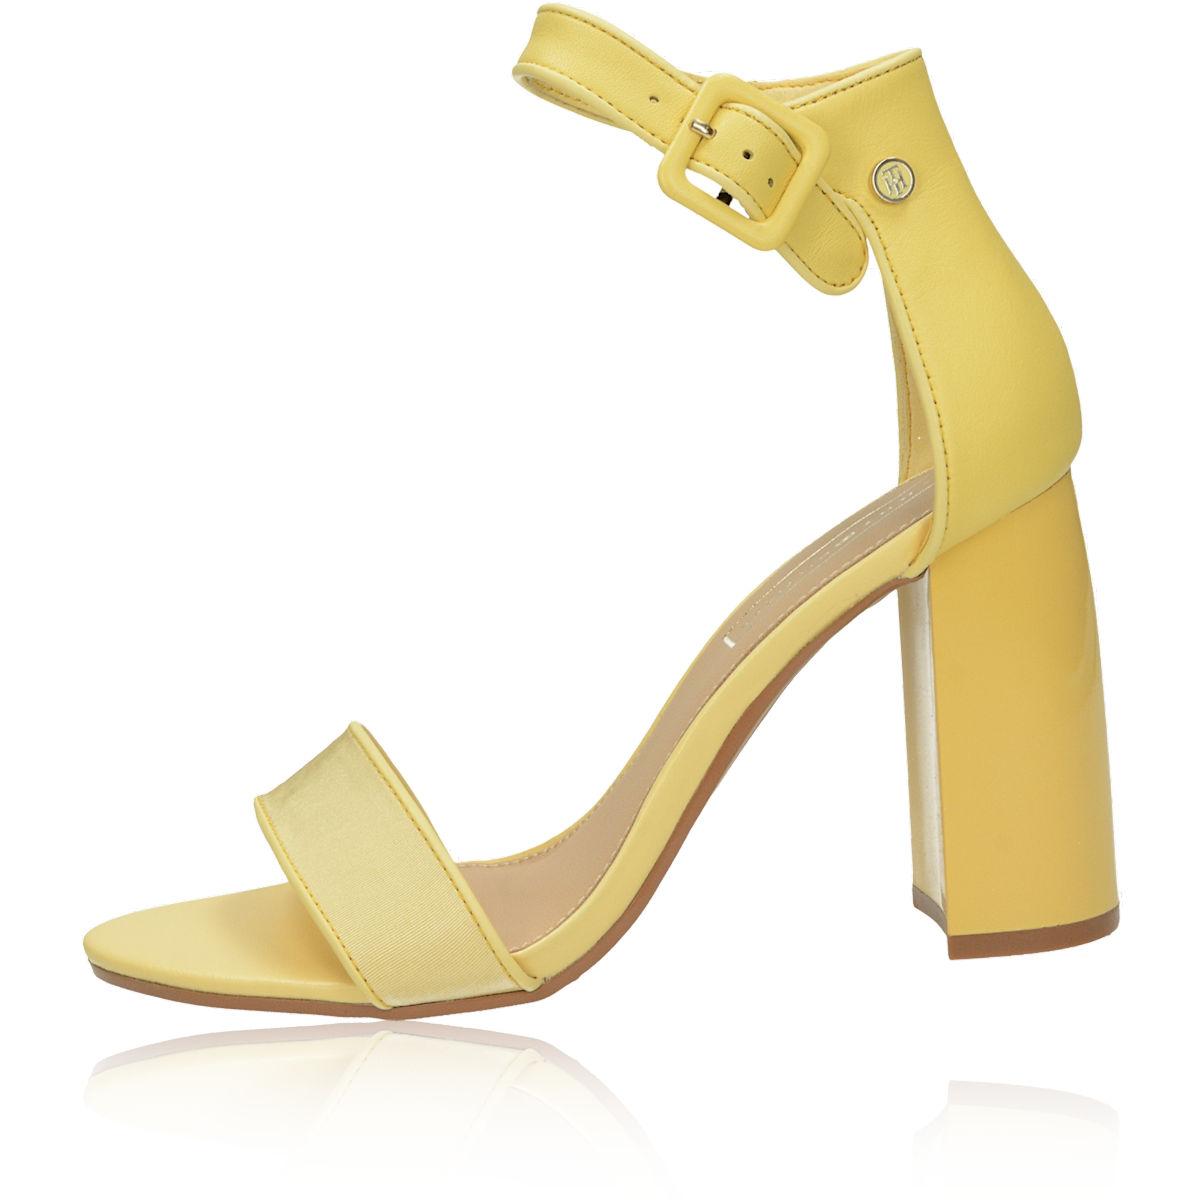 Tommy Hilfiger dámske štýlové sandále na vysokom podpätku - žlté